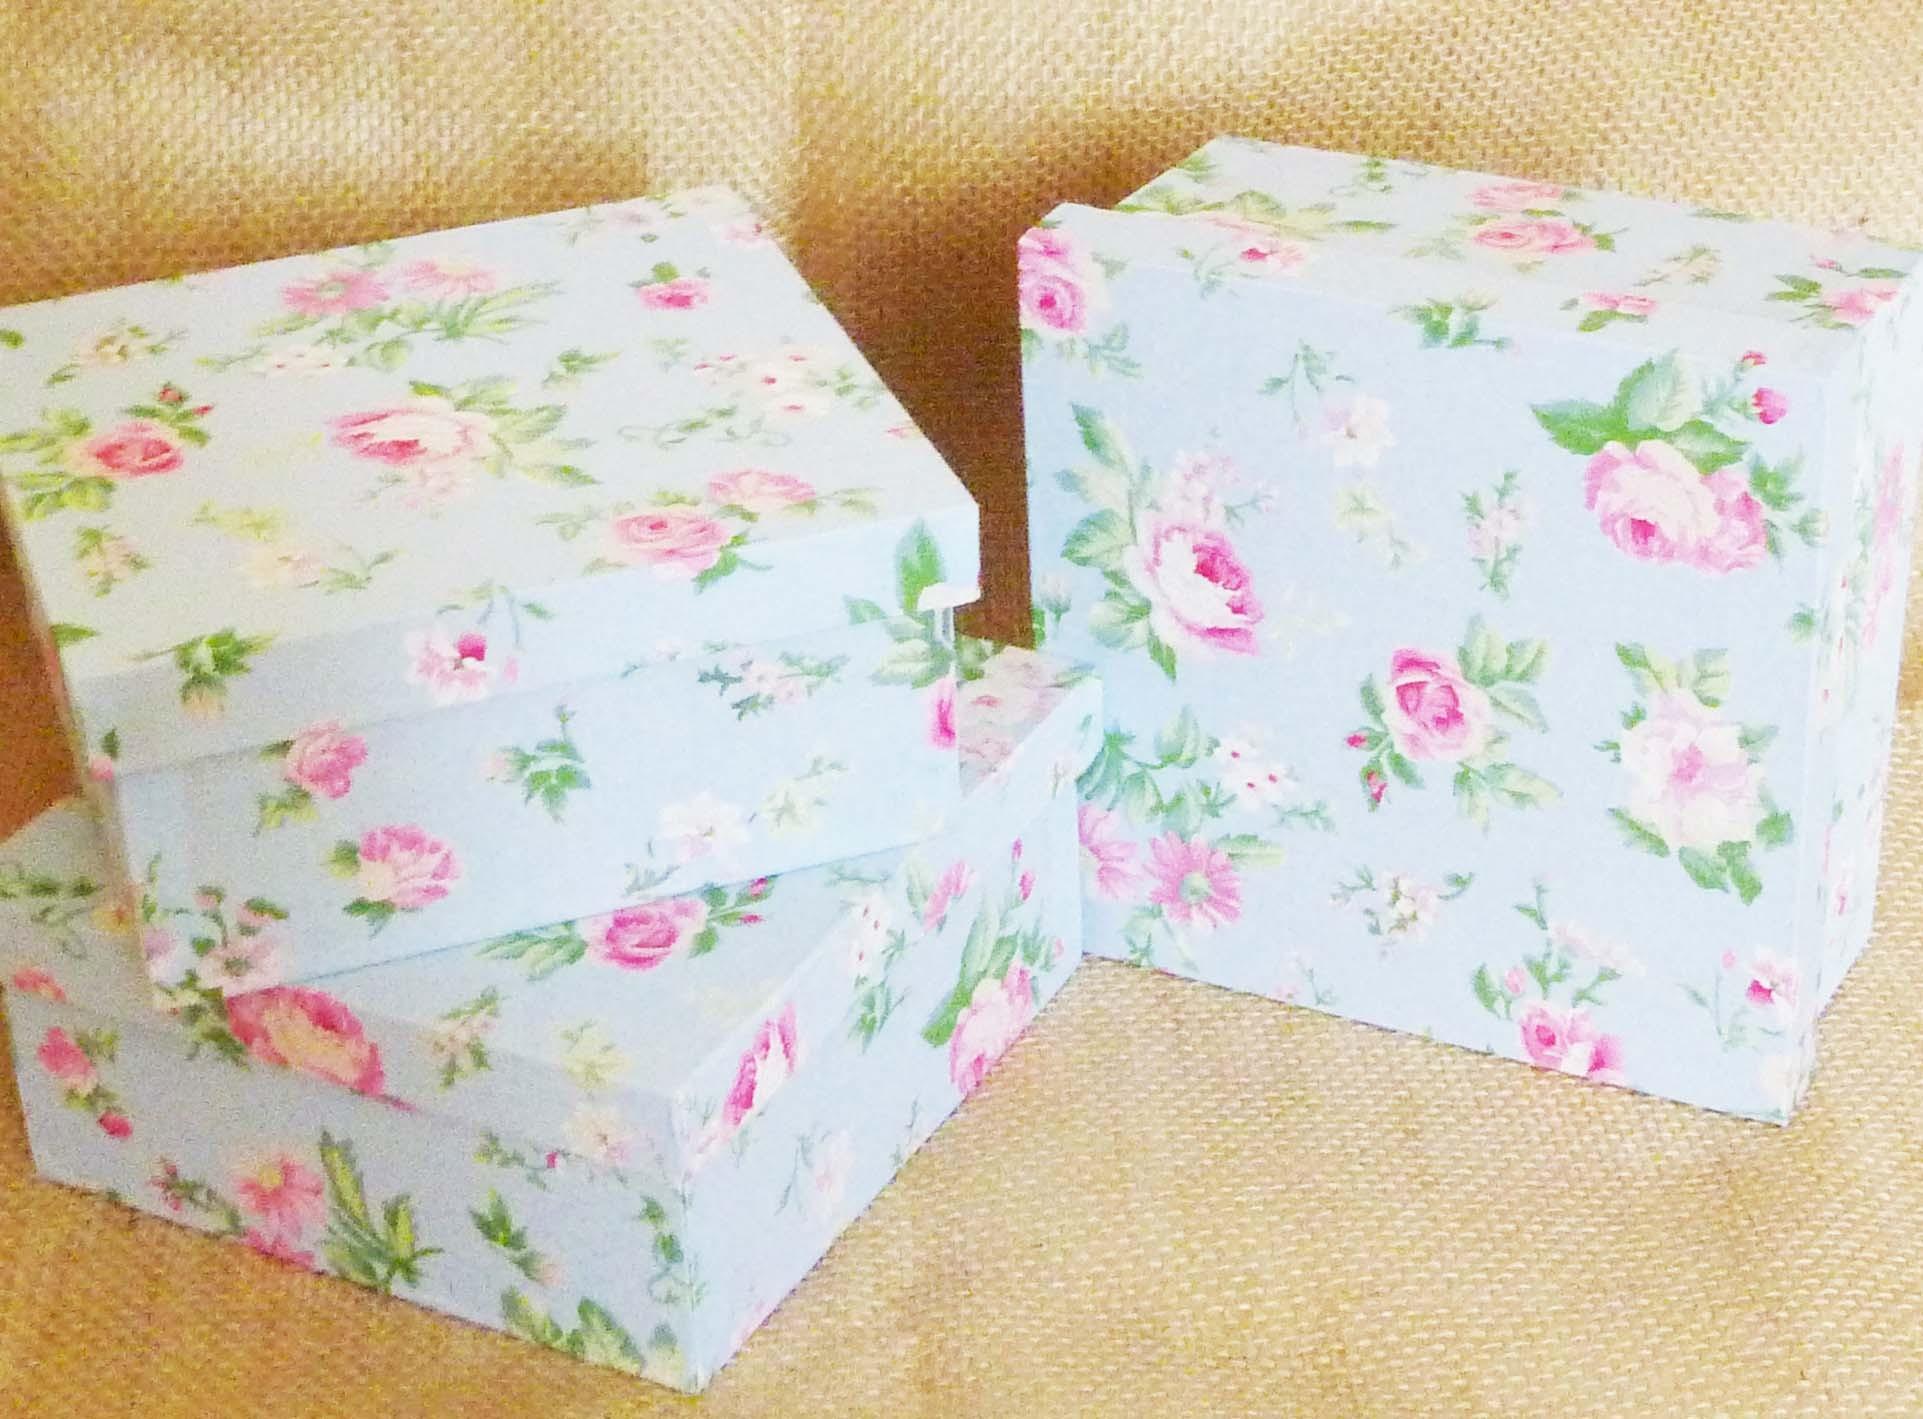 de madeira revestida com tecido source http www elo7 com br caixa de #A12A6D 1923x1419